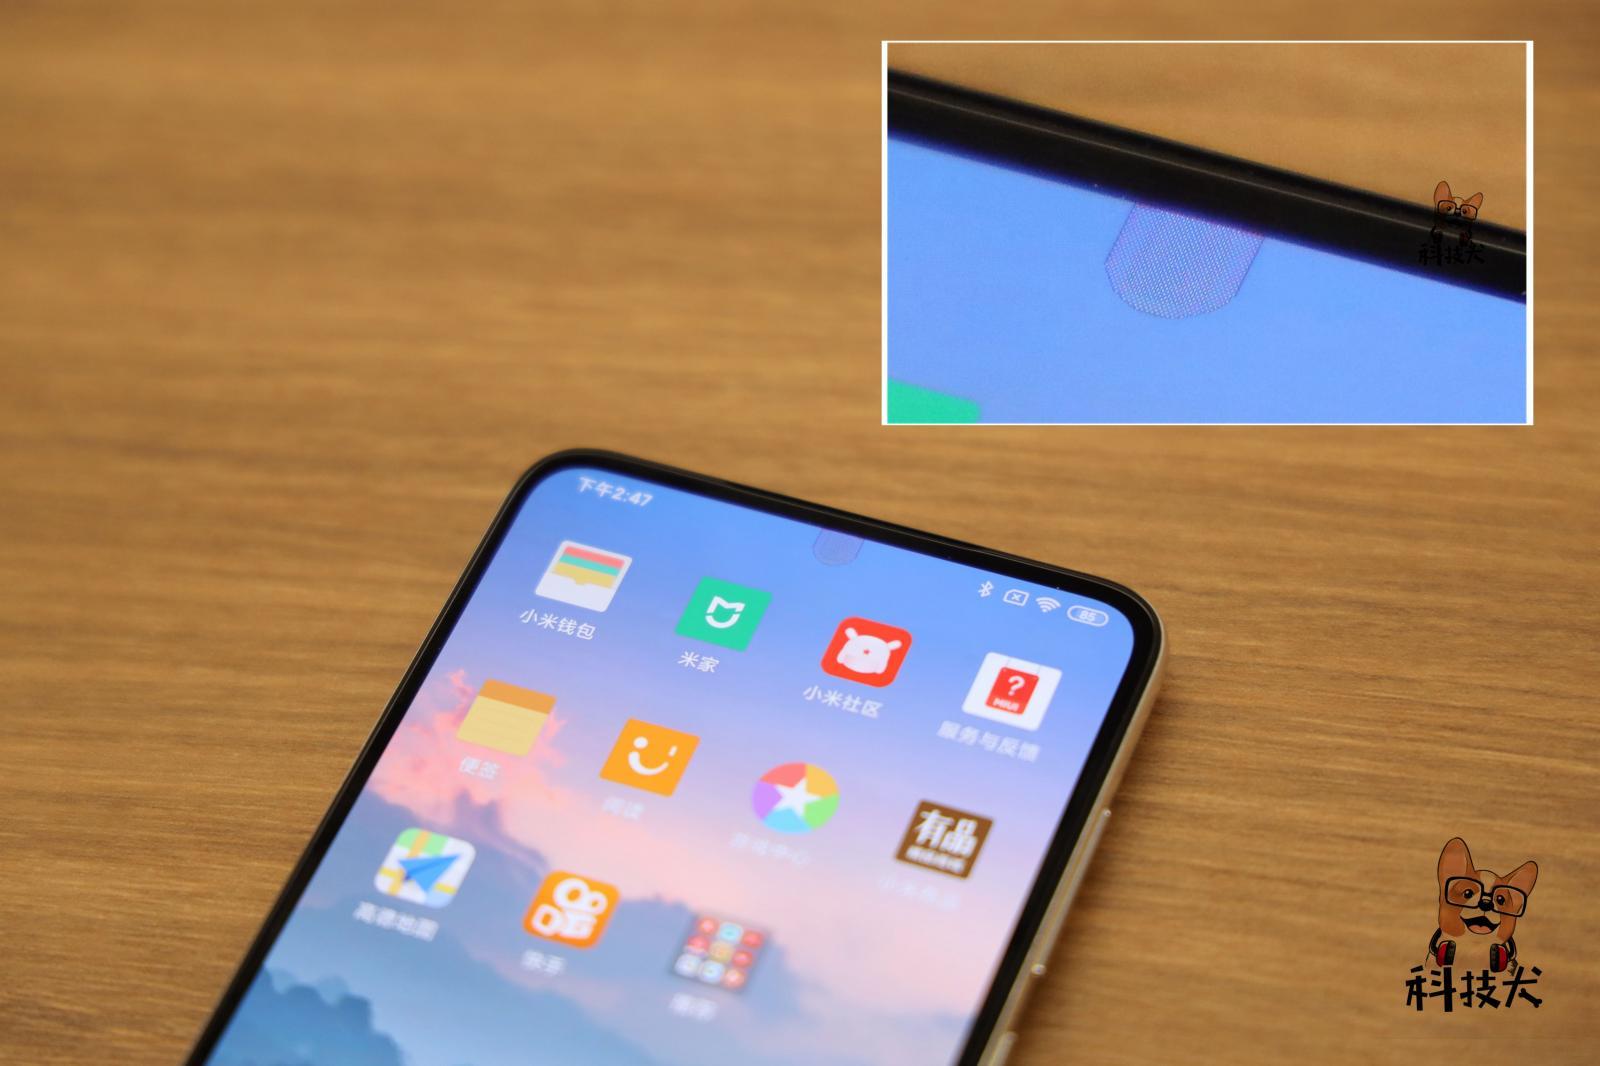 小米第三代屏下相机技术真机体验:目前全面屏手机最完美解决方案